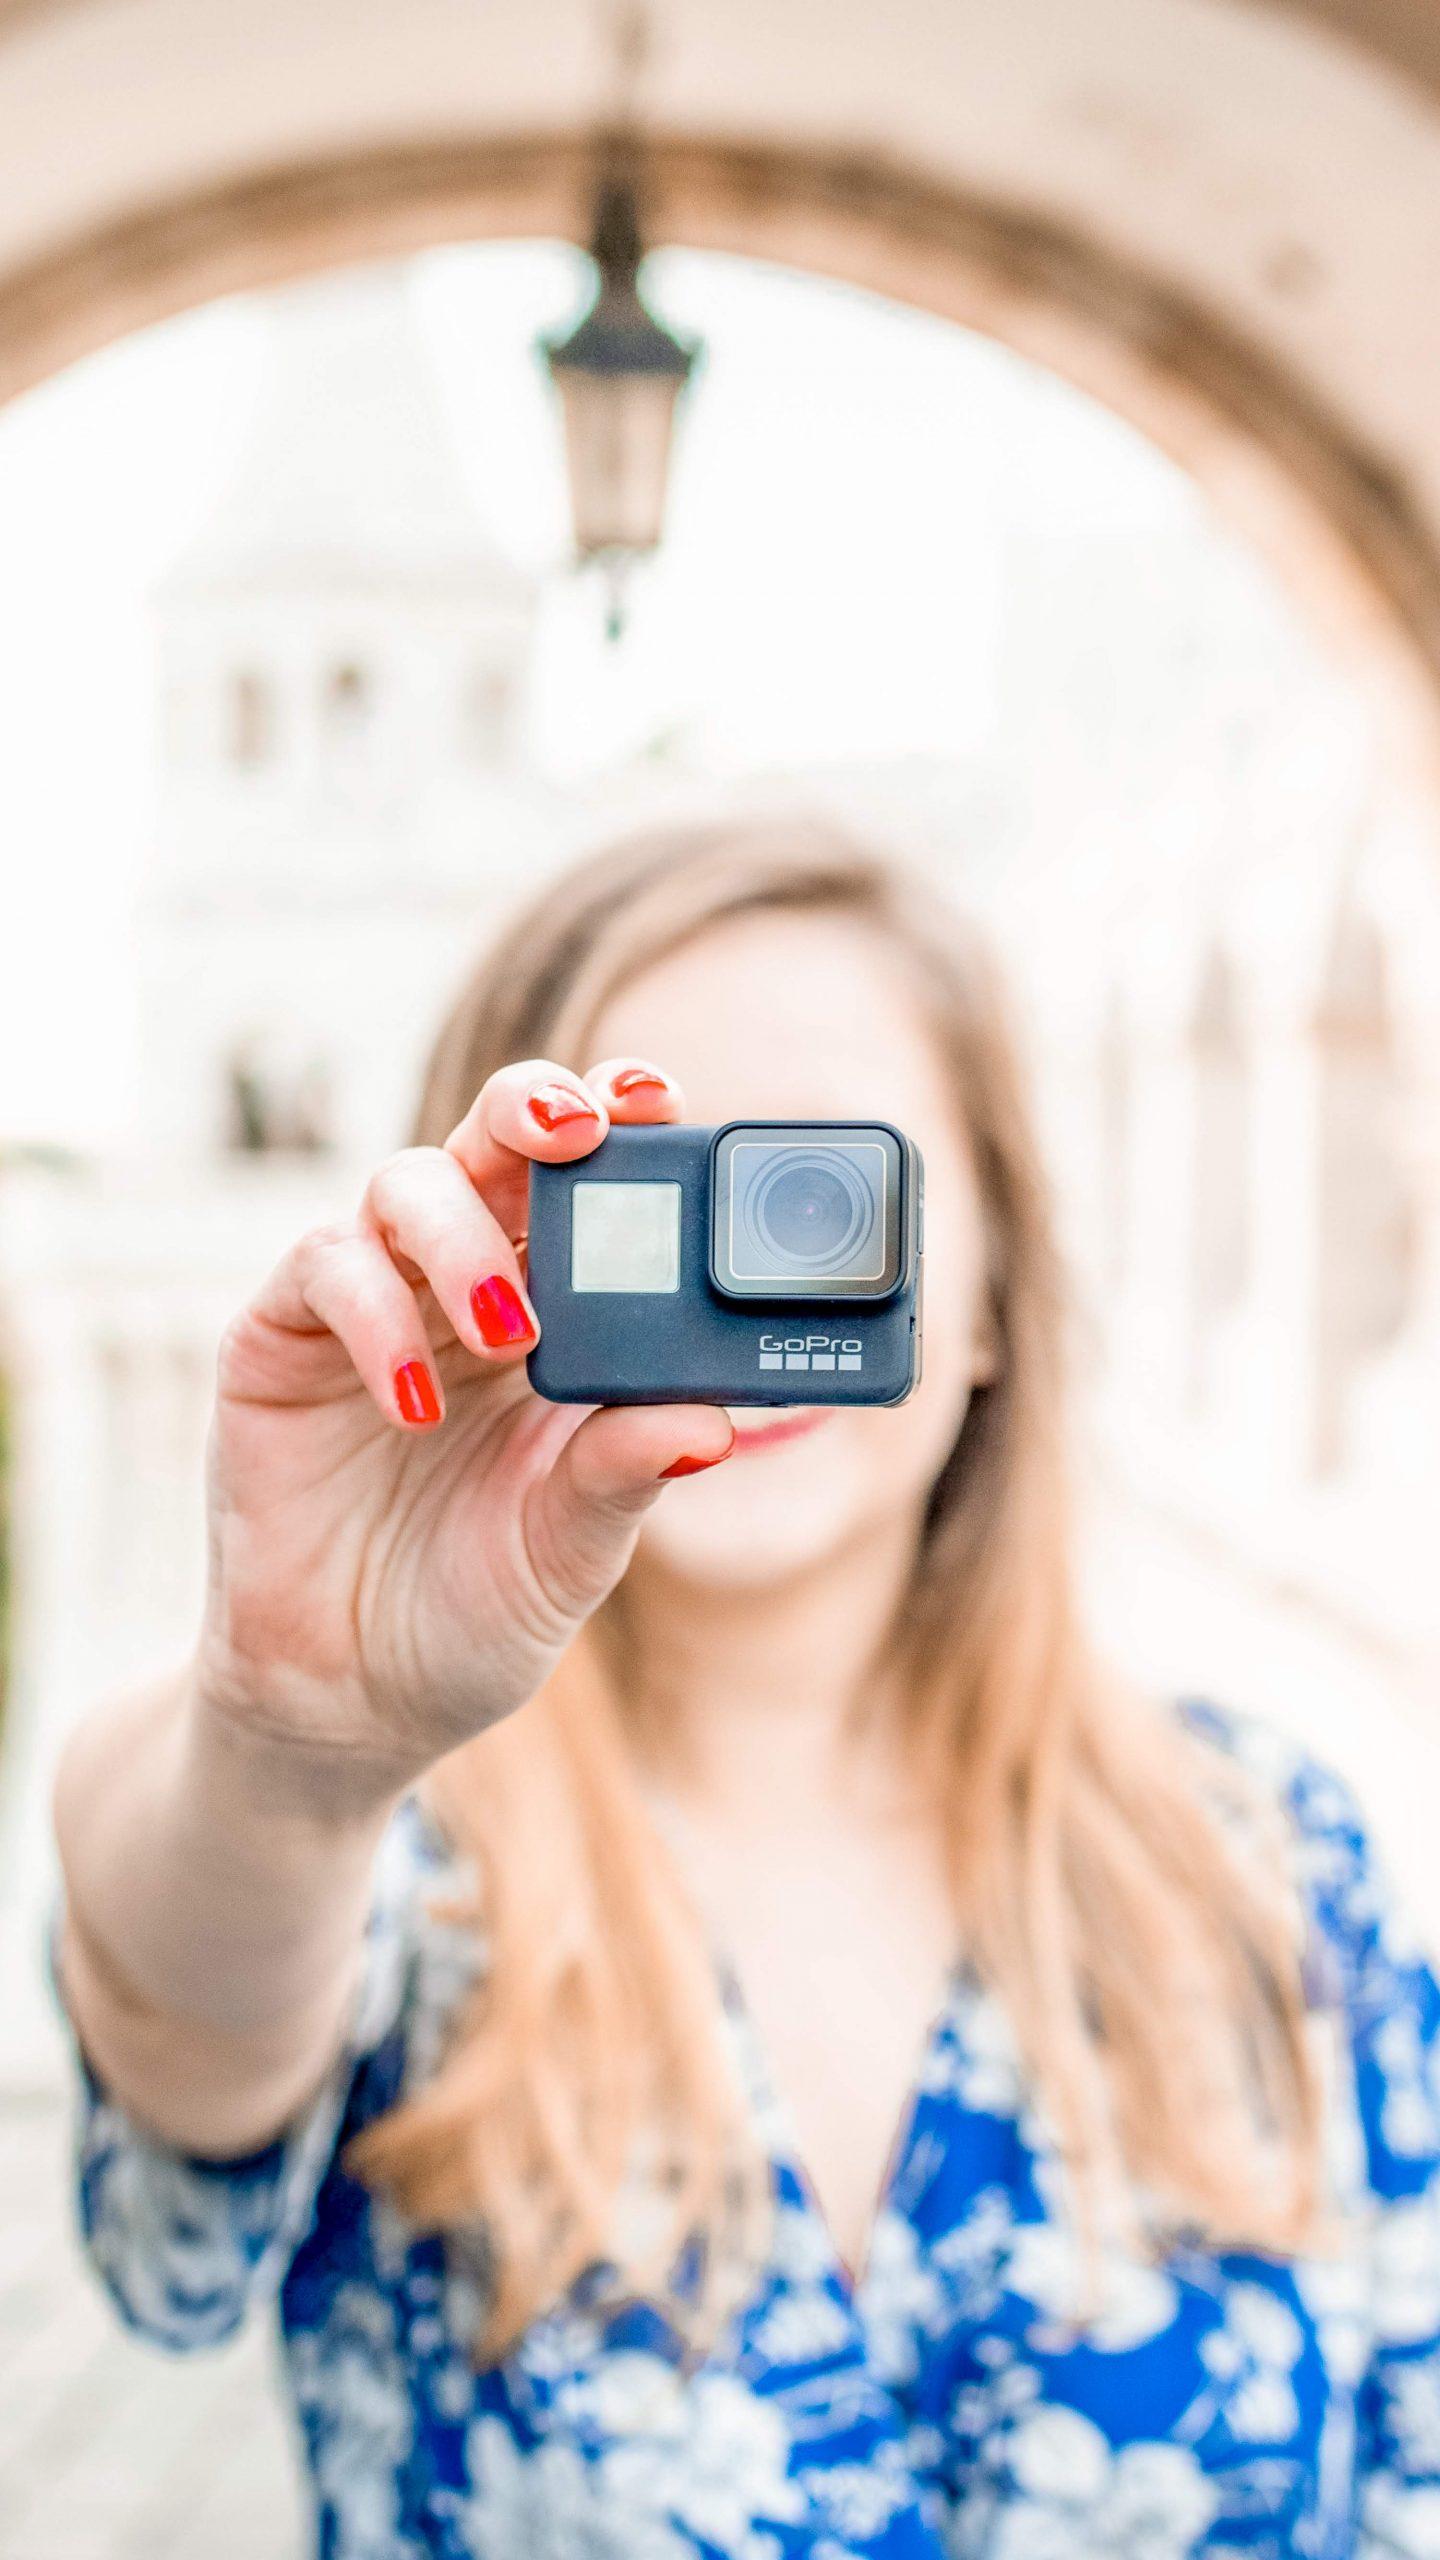 GoPro Hero black 7 - Useful gift ideas for travel lovers | Aliz's Wonderland #travel #giftideas #travelgift #christmasgift #birthdaygift